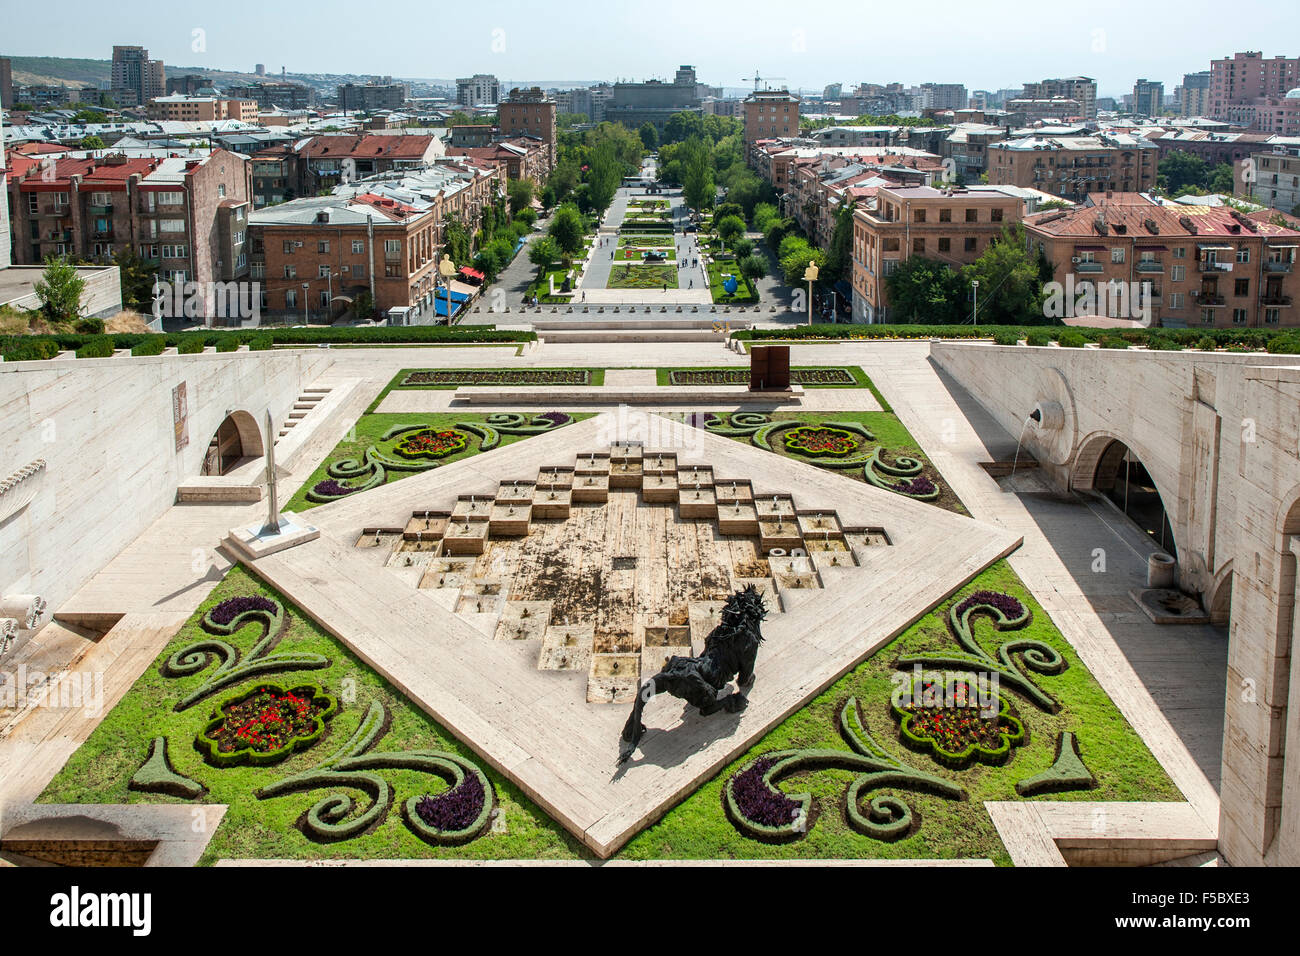 O monumento em cascata e jardins em Yerevan, a capital da Arménia. Imagens de Stock